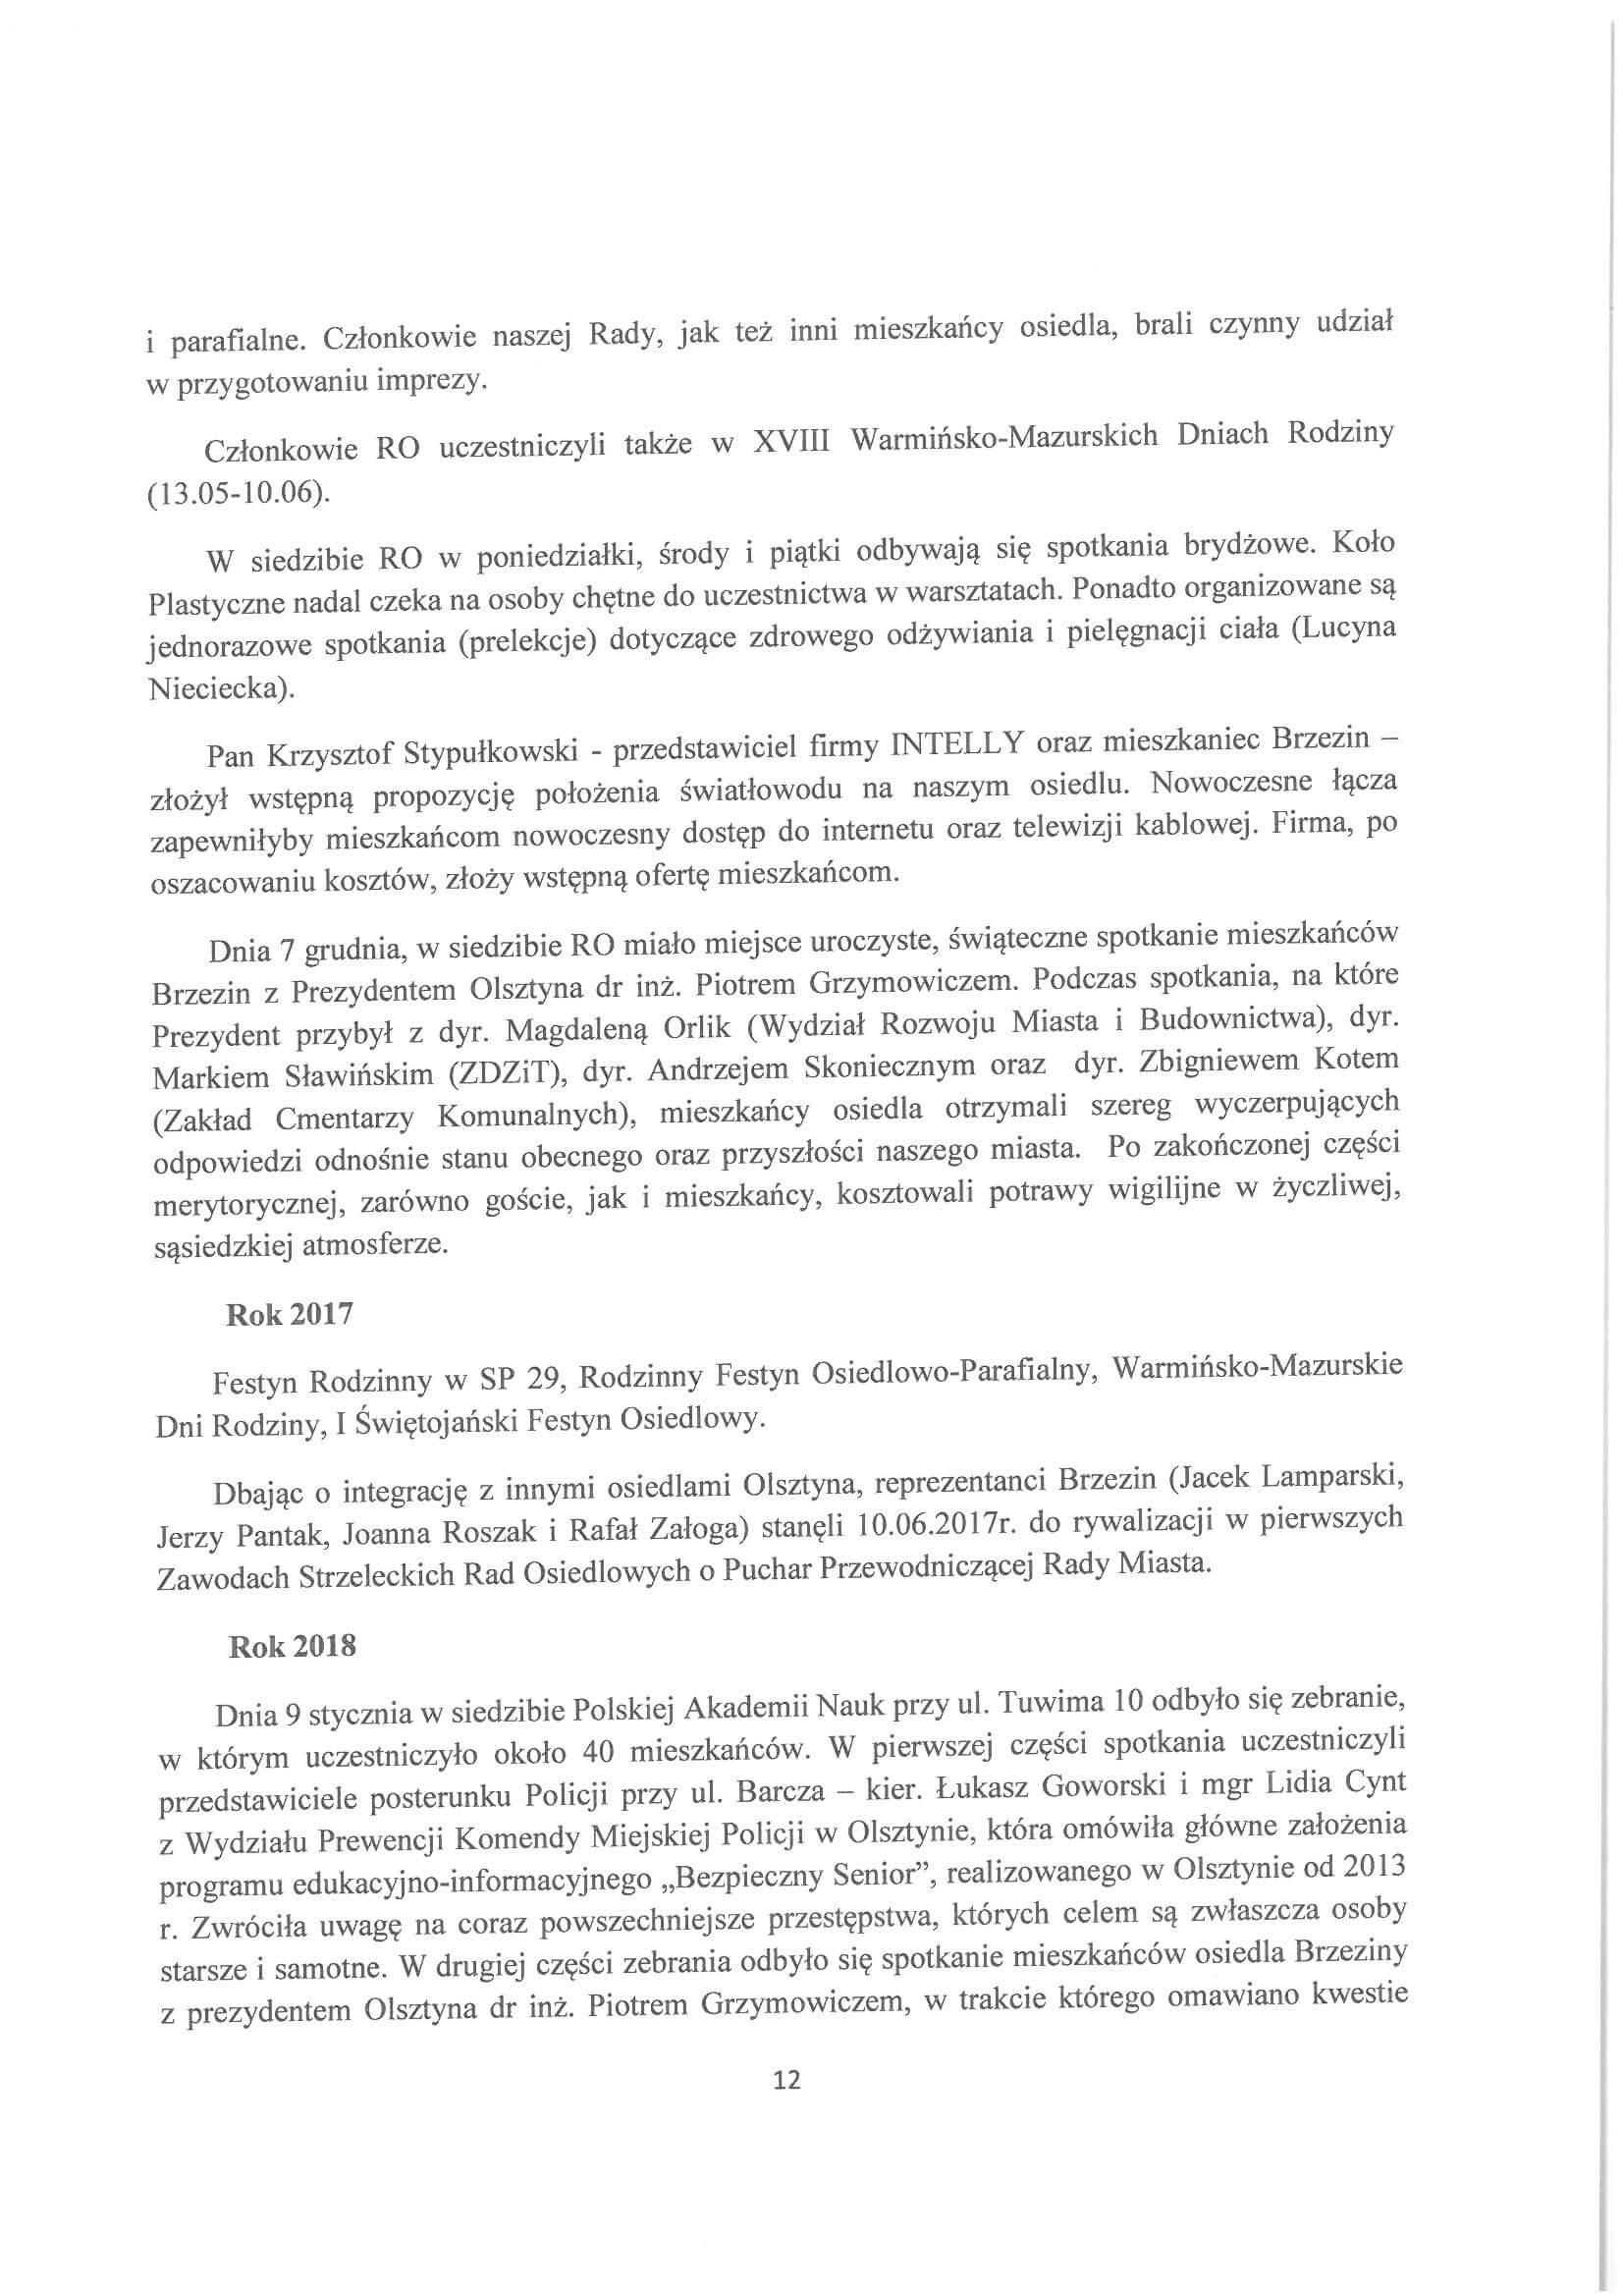 Sprawozdanie z działalności RO w latach 2015-2019-12